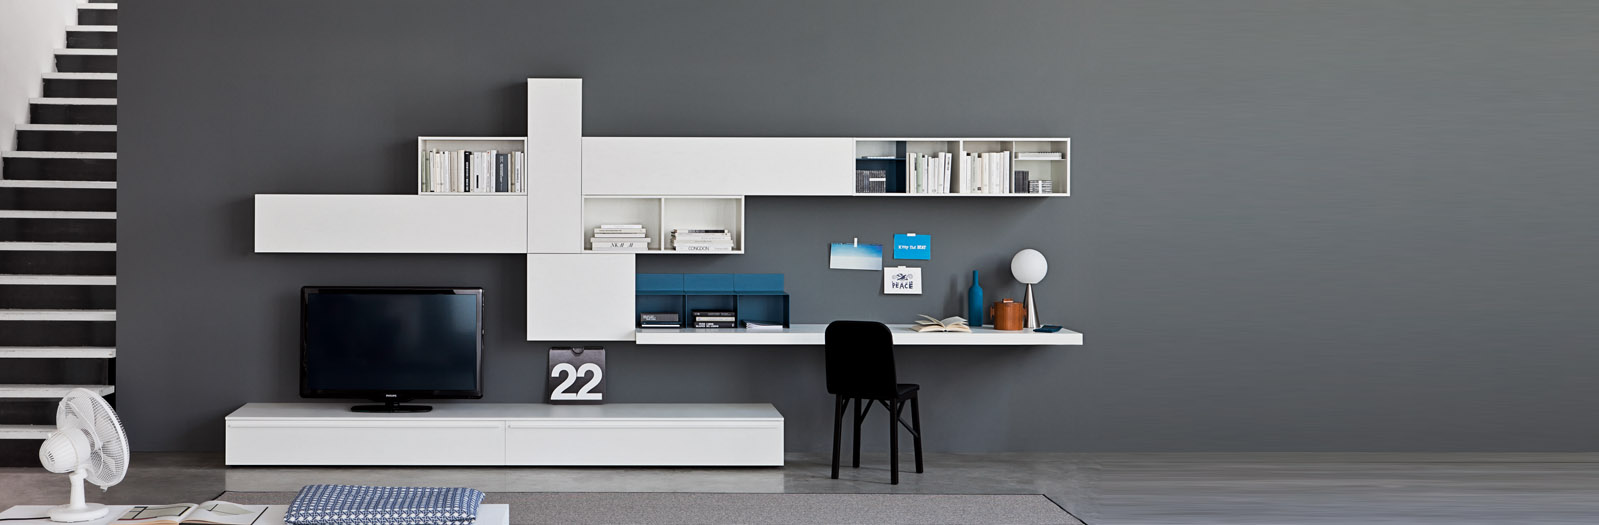 libreria Archives - Non solo Mobili: cucina, soggiorno e camera